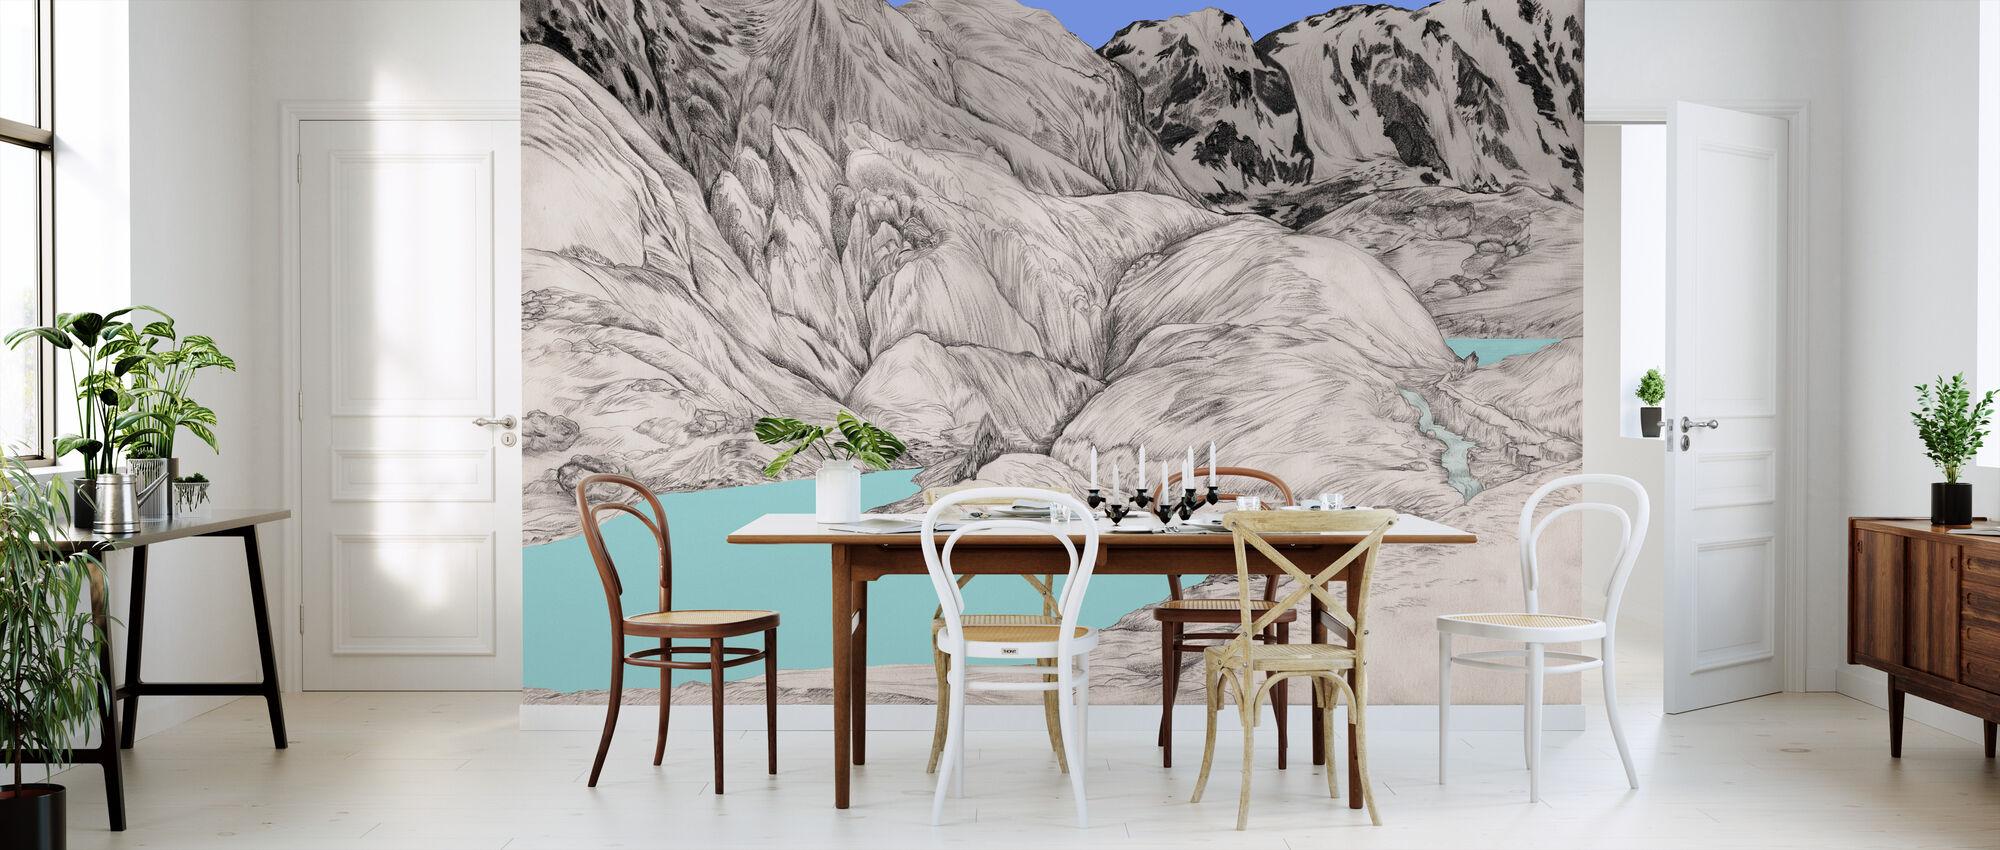 Altay Lake - Wallpaper - Kitchen